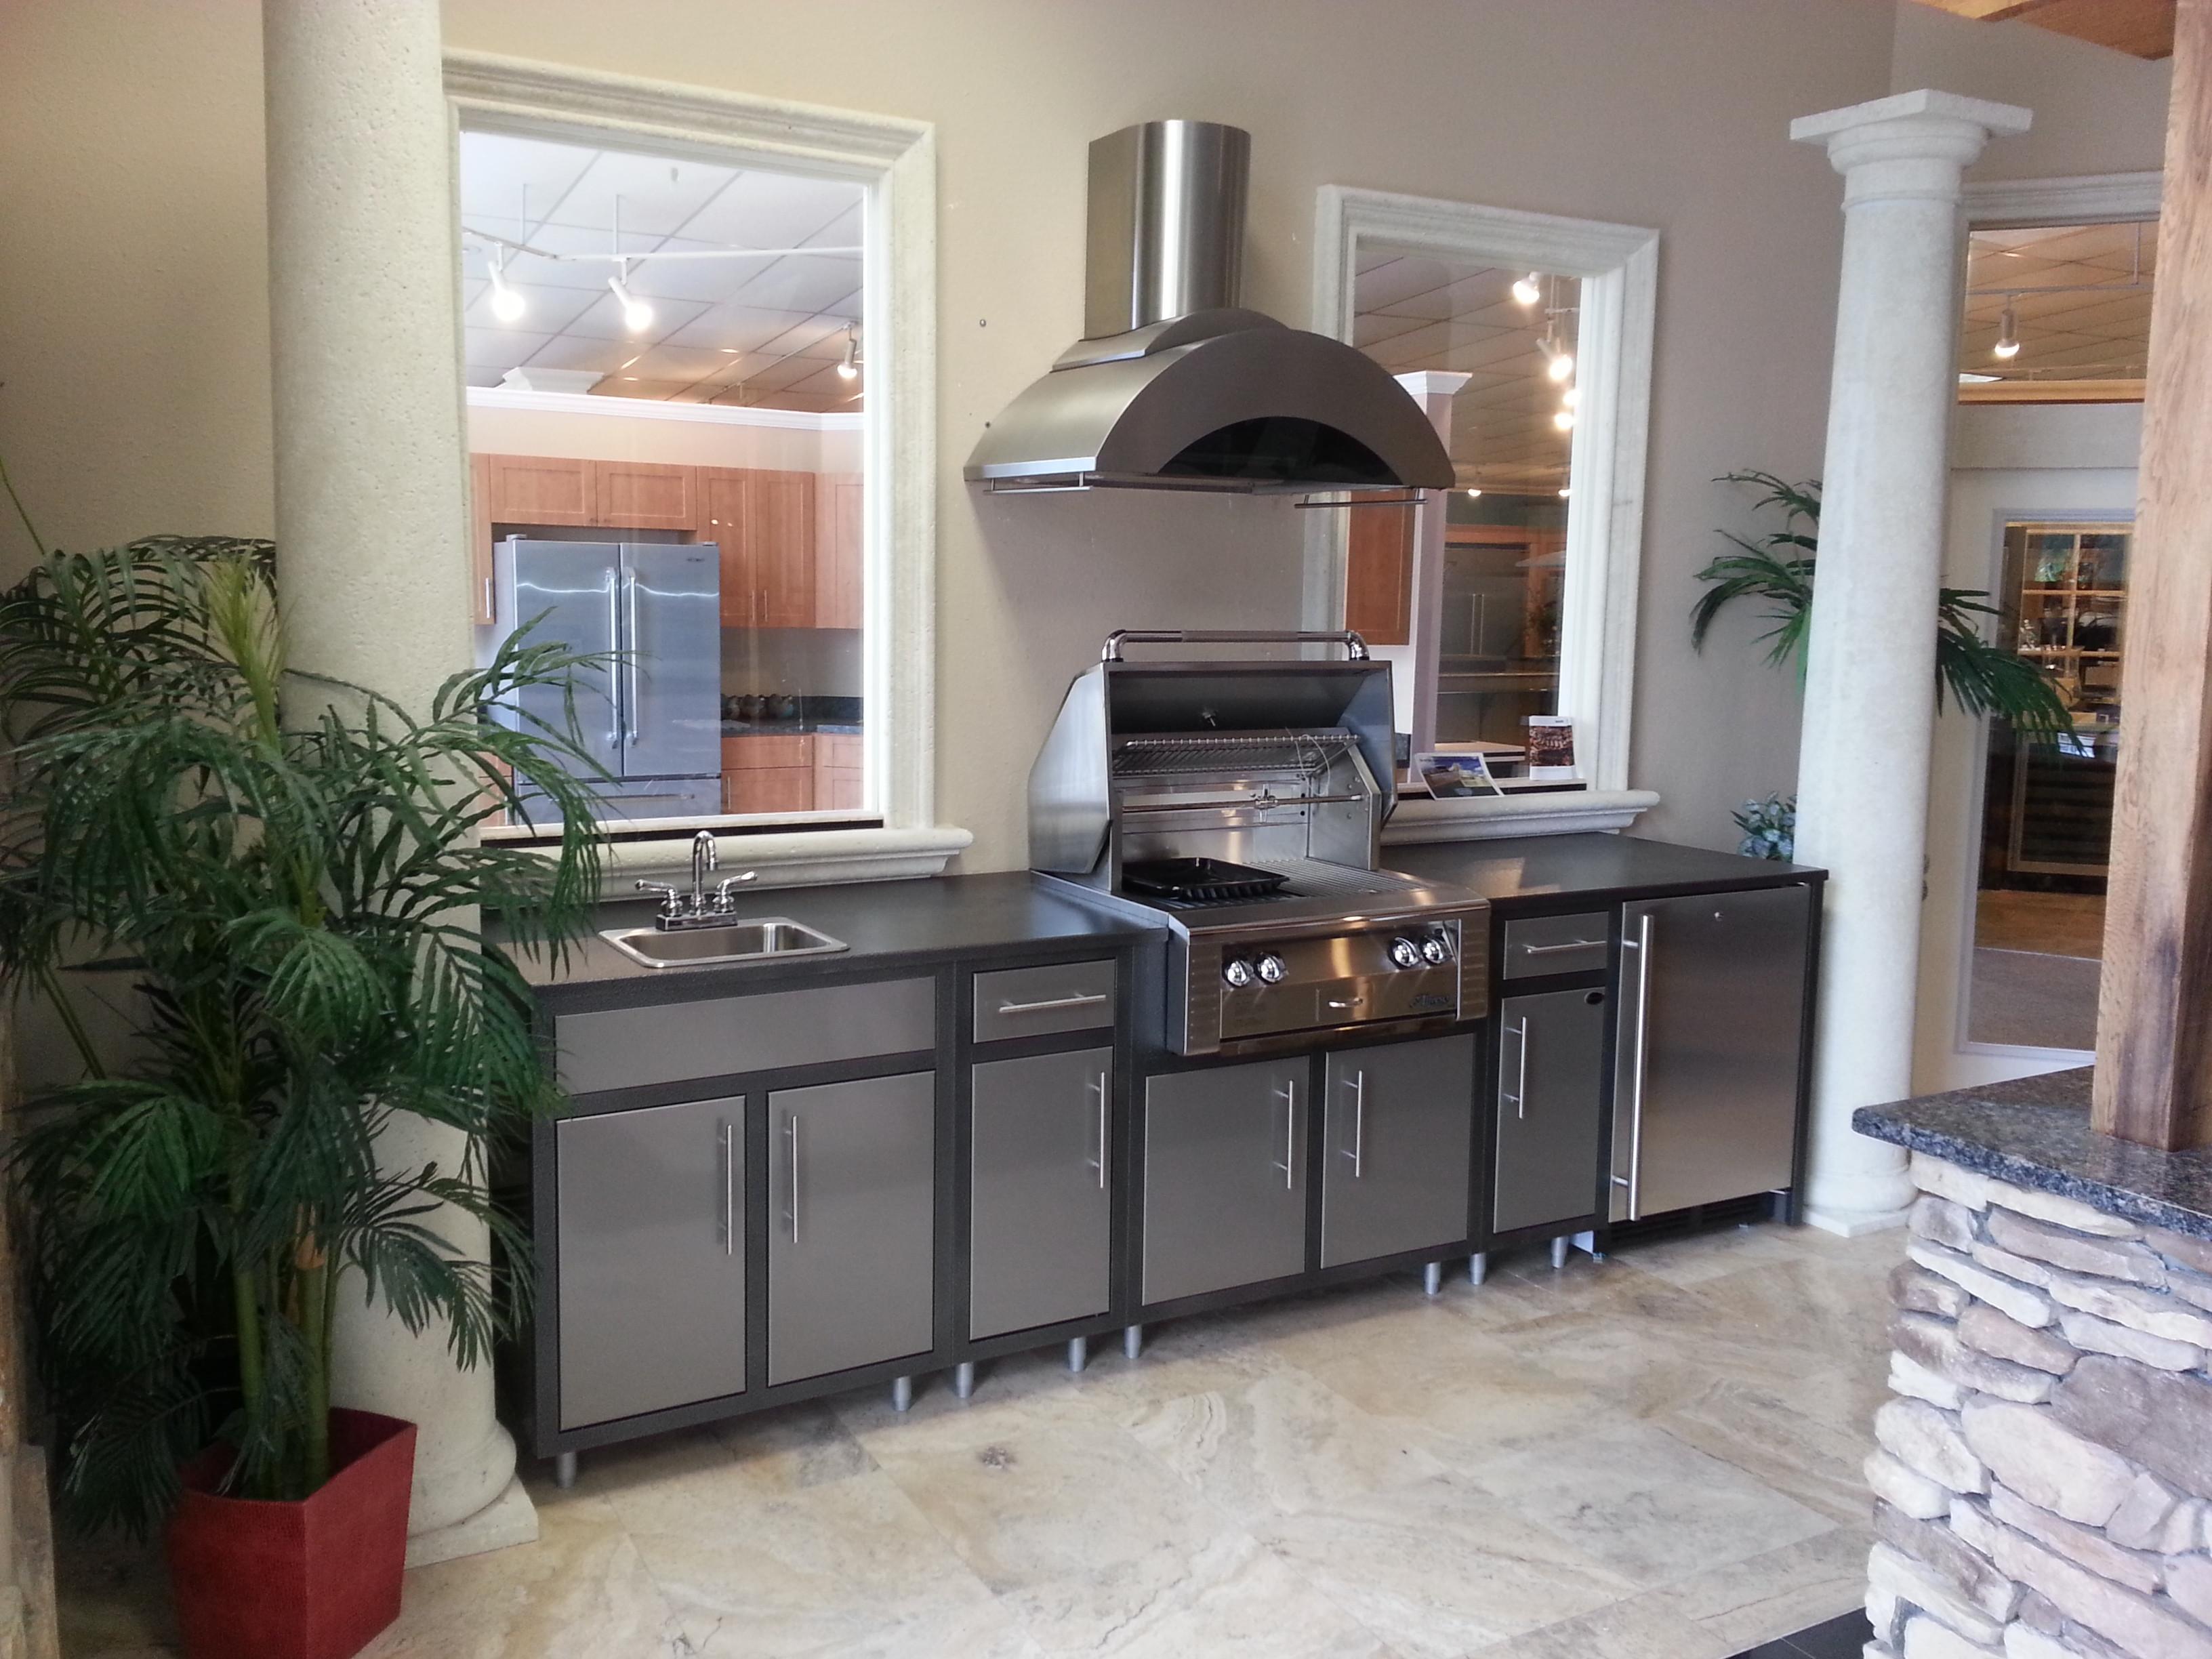 Challenger Designs Modular Outdoor Kitchen Ajax Pool